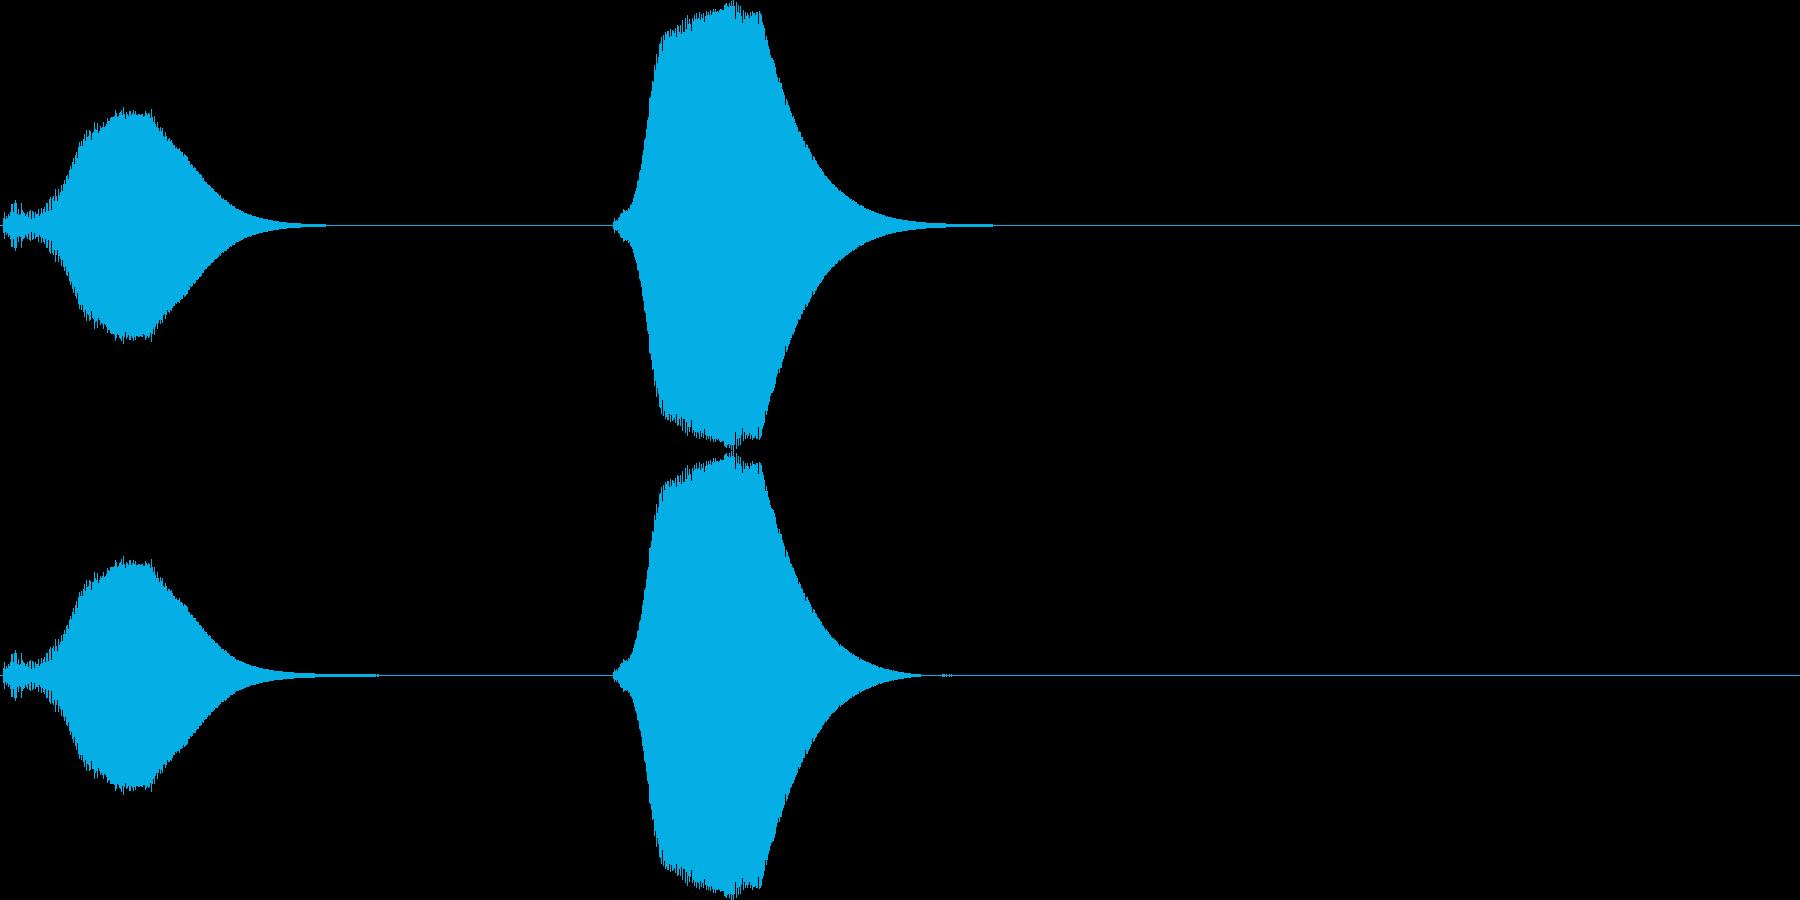 ポッポー。鳩時計の時報A(高・短)の再生済みの波形